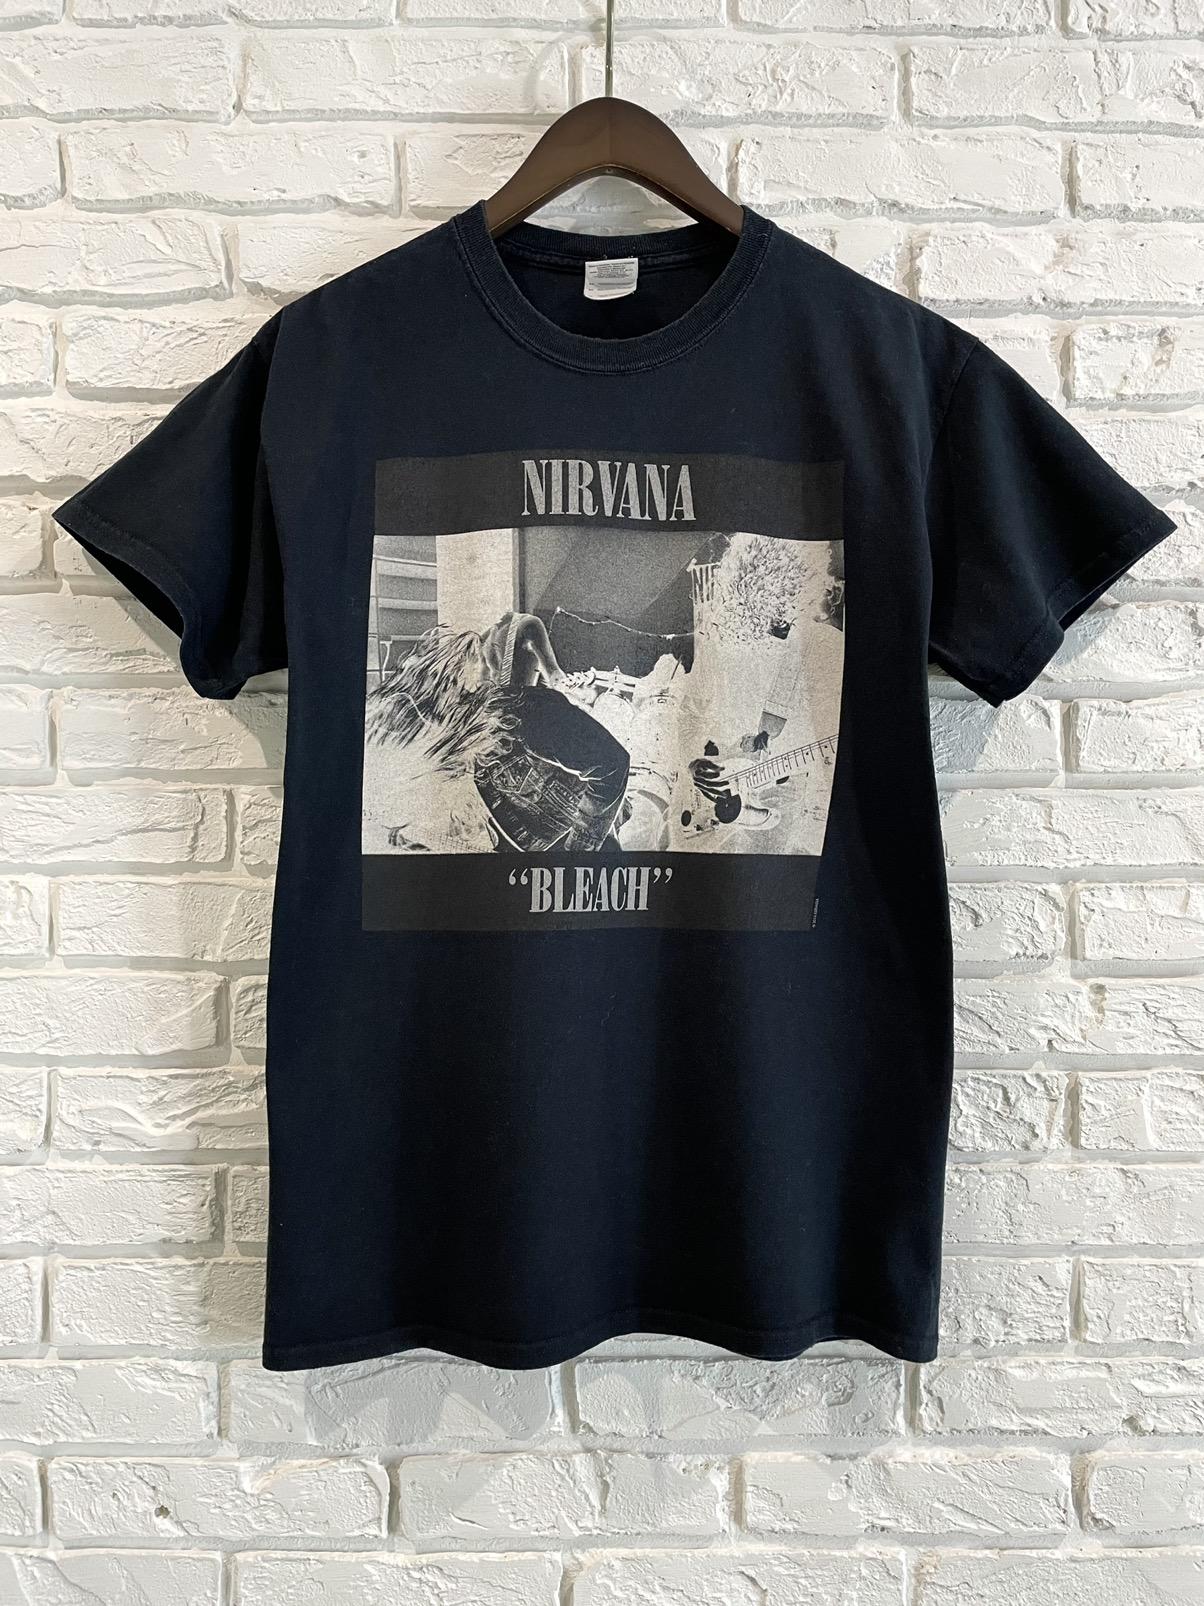 Nirvana Vintage Bleachie Tee in Hot Pink Kurt Cobain